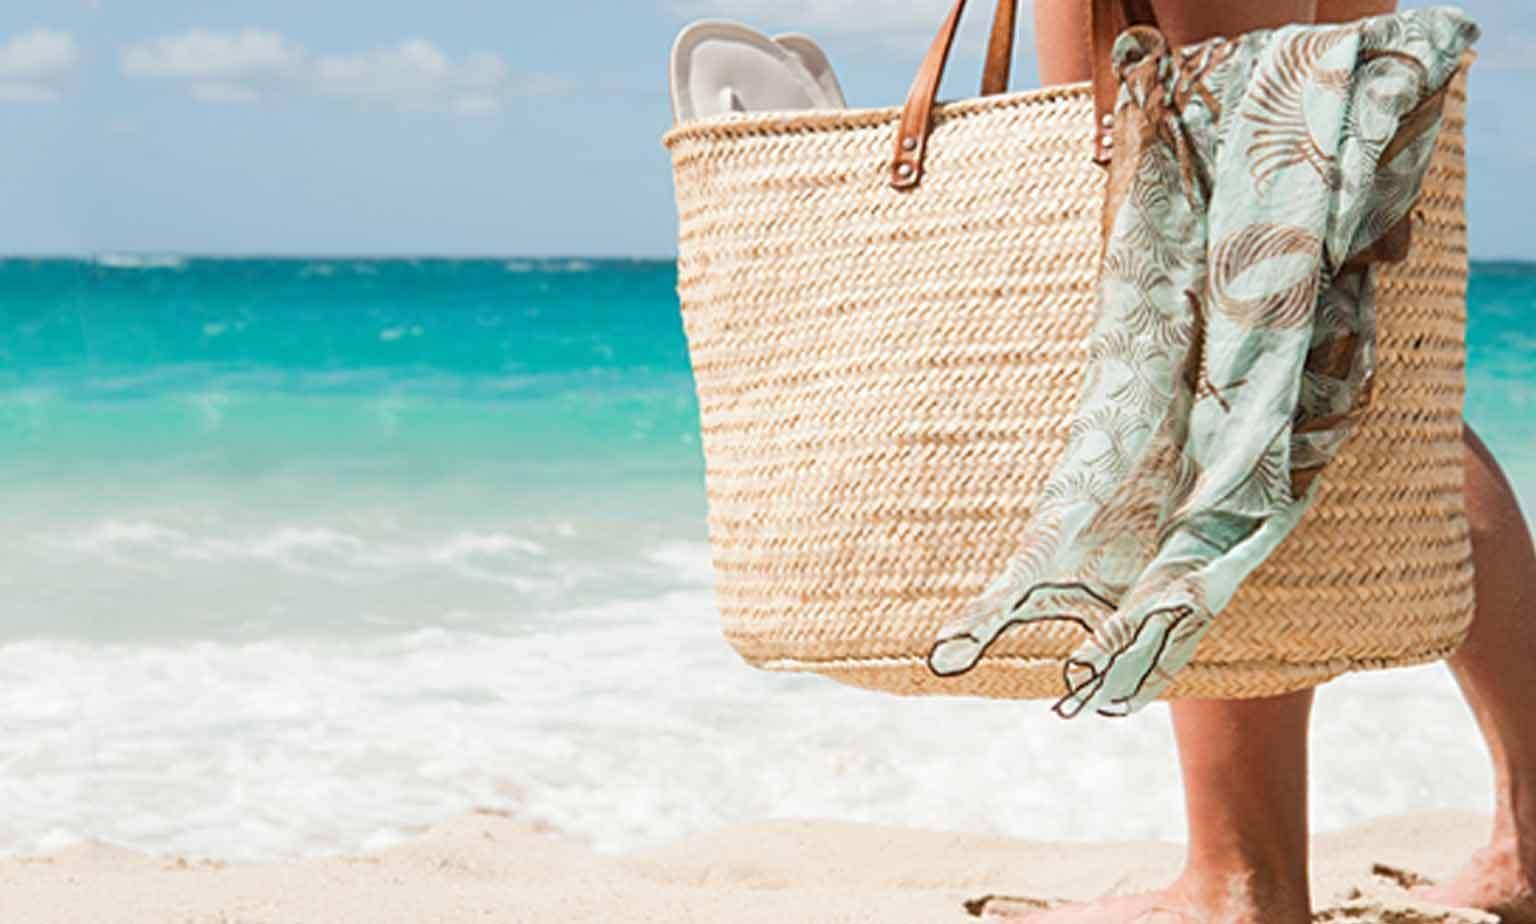 Accessories: Beach Bags